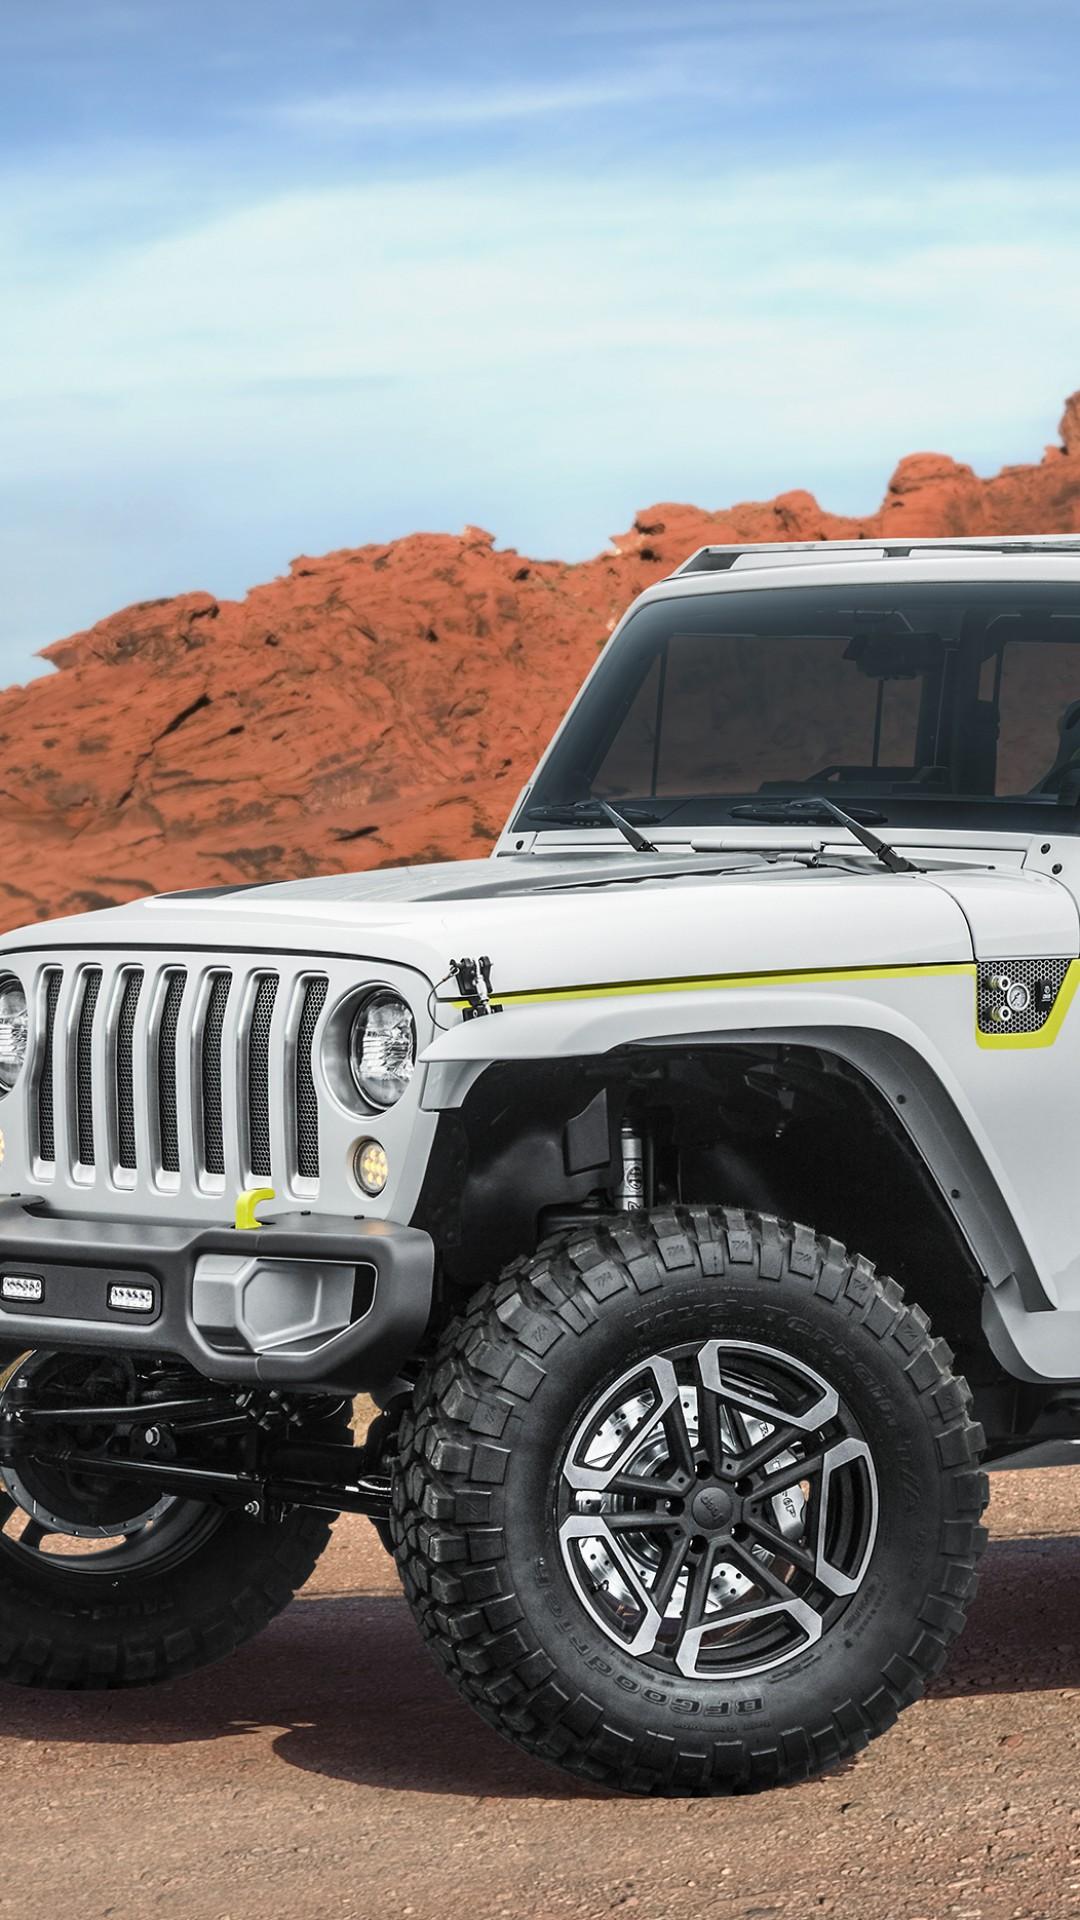 Wallpaper jeep safari jeep wrangler concept suv cars - Safari car wallpaper ...